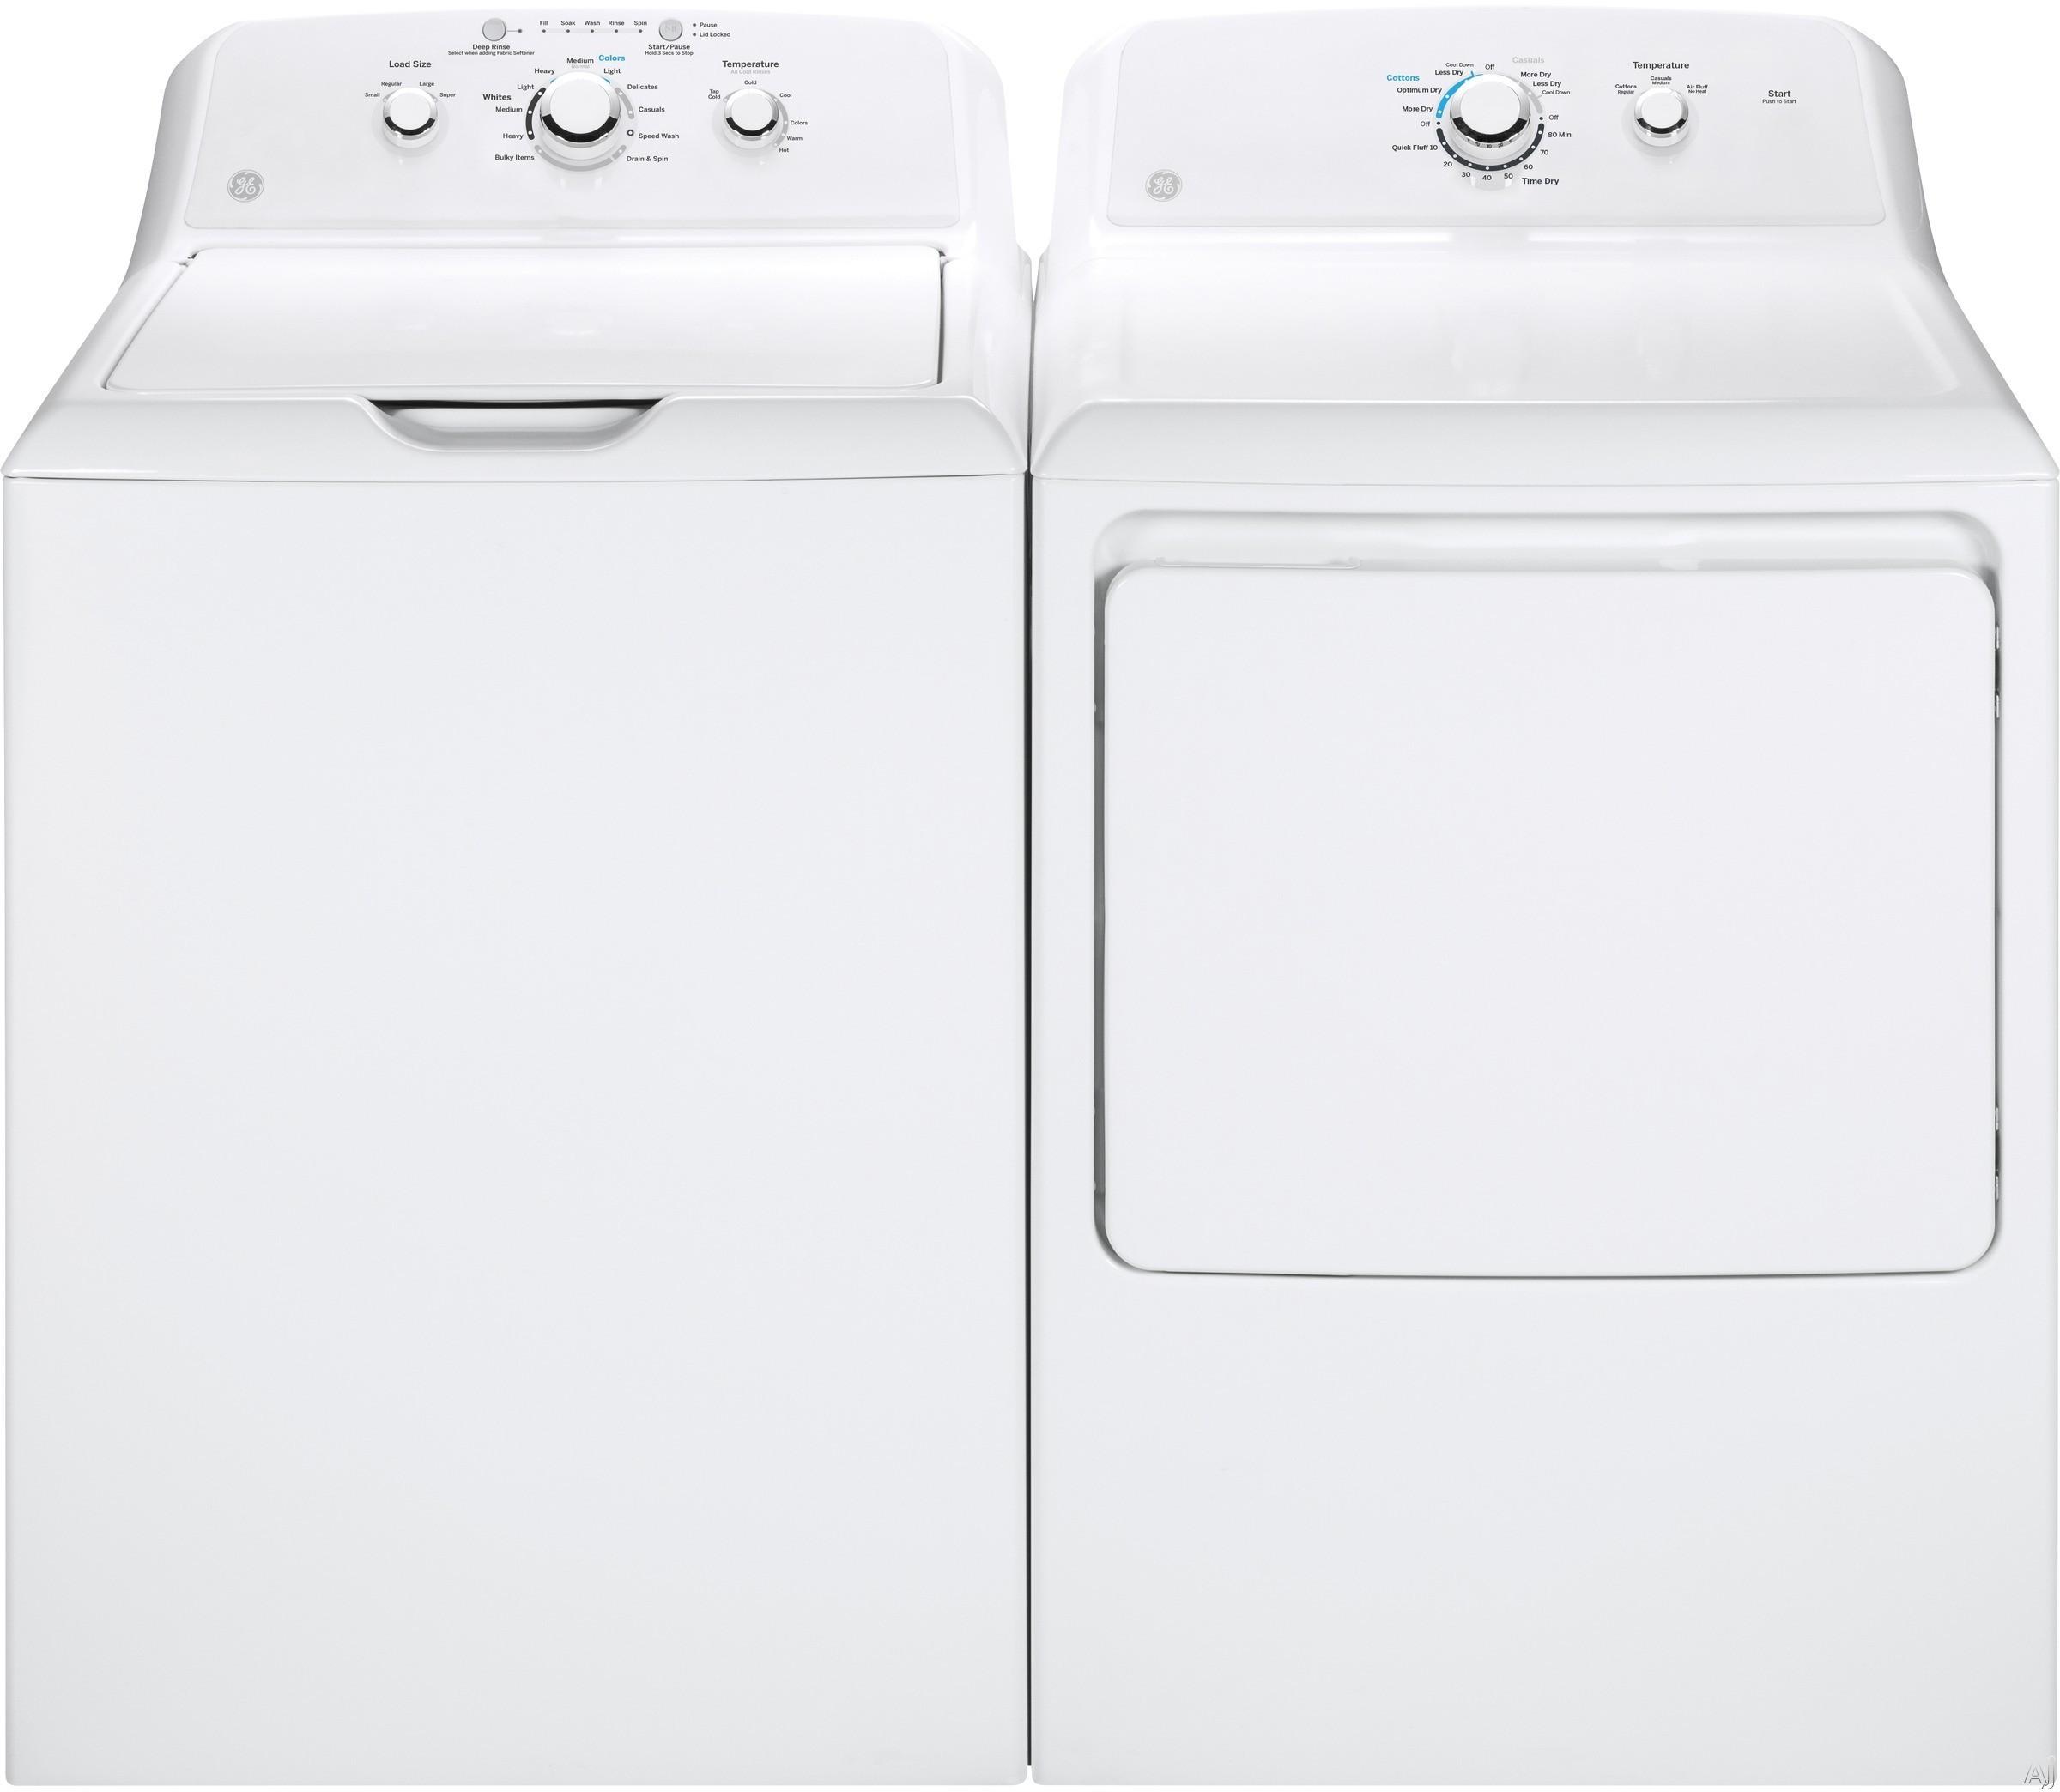 Top Load Washer & Dryer Sets